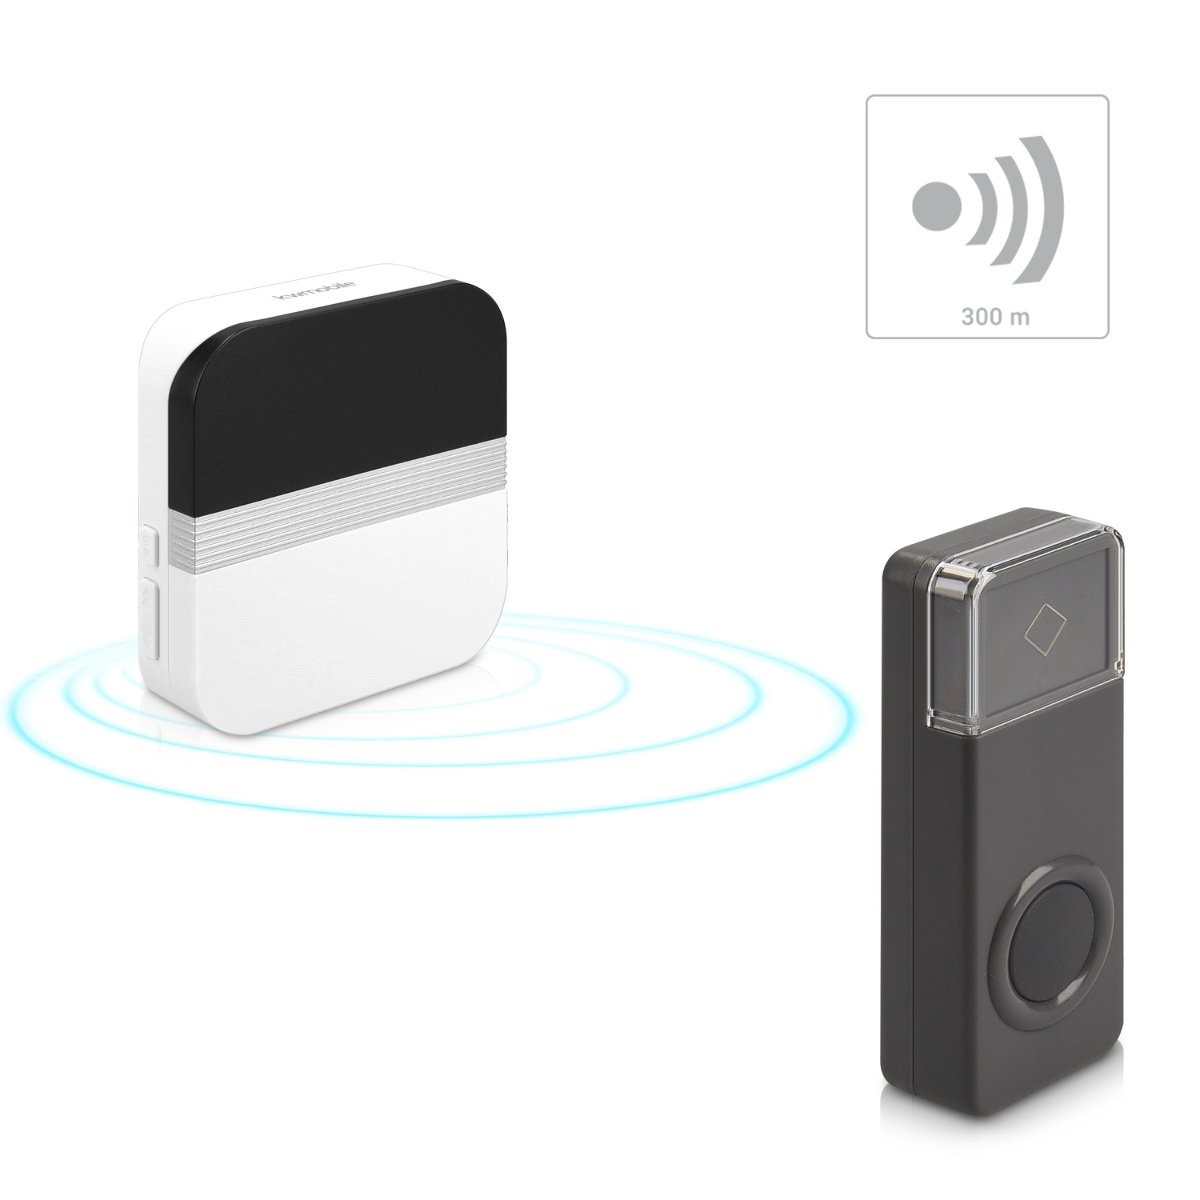 Kleingeräte Haushalt Streng Funk Türklingel Wireless Türgong Led Leuchte Tür Gong Klingel Glocke Door Bell